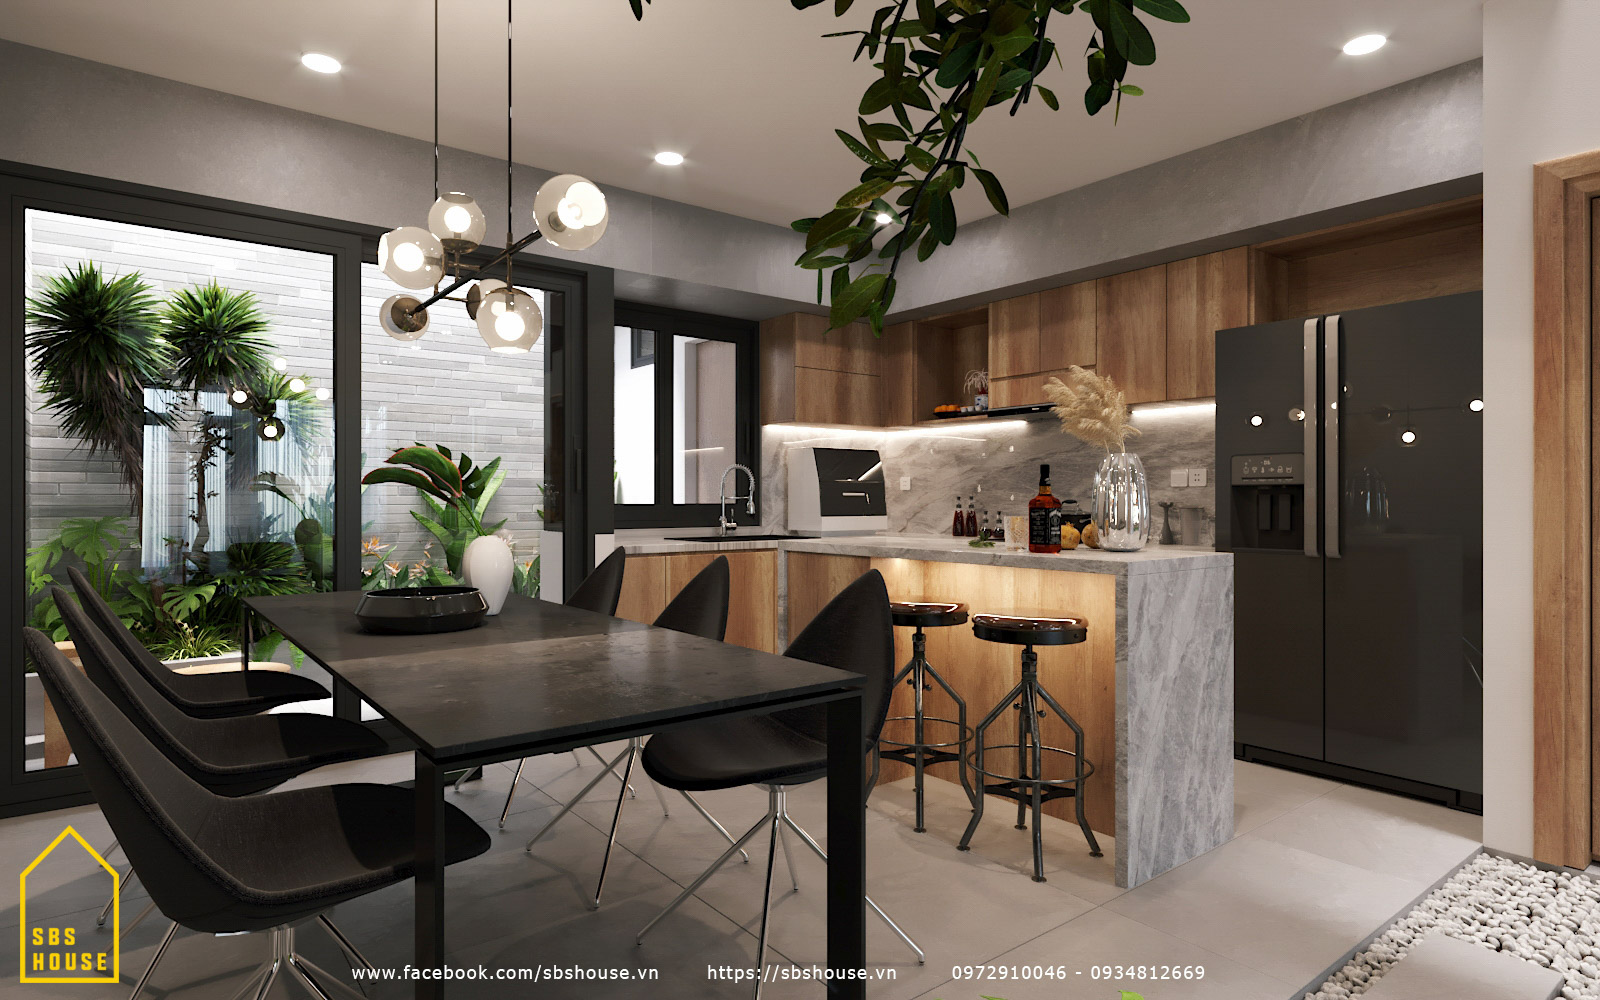 Phòng bếp đẹp hiện đại với đảo bếp